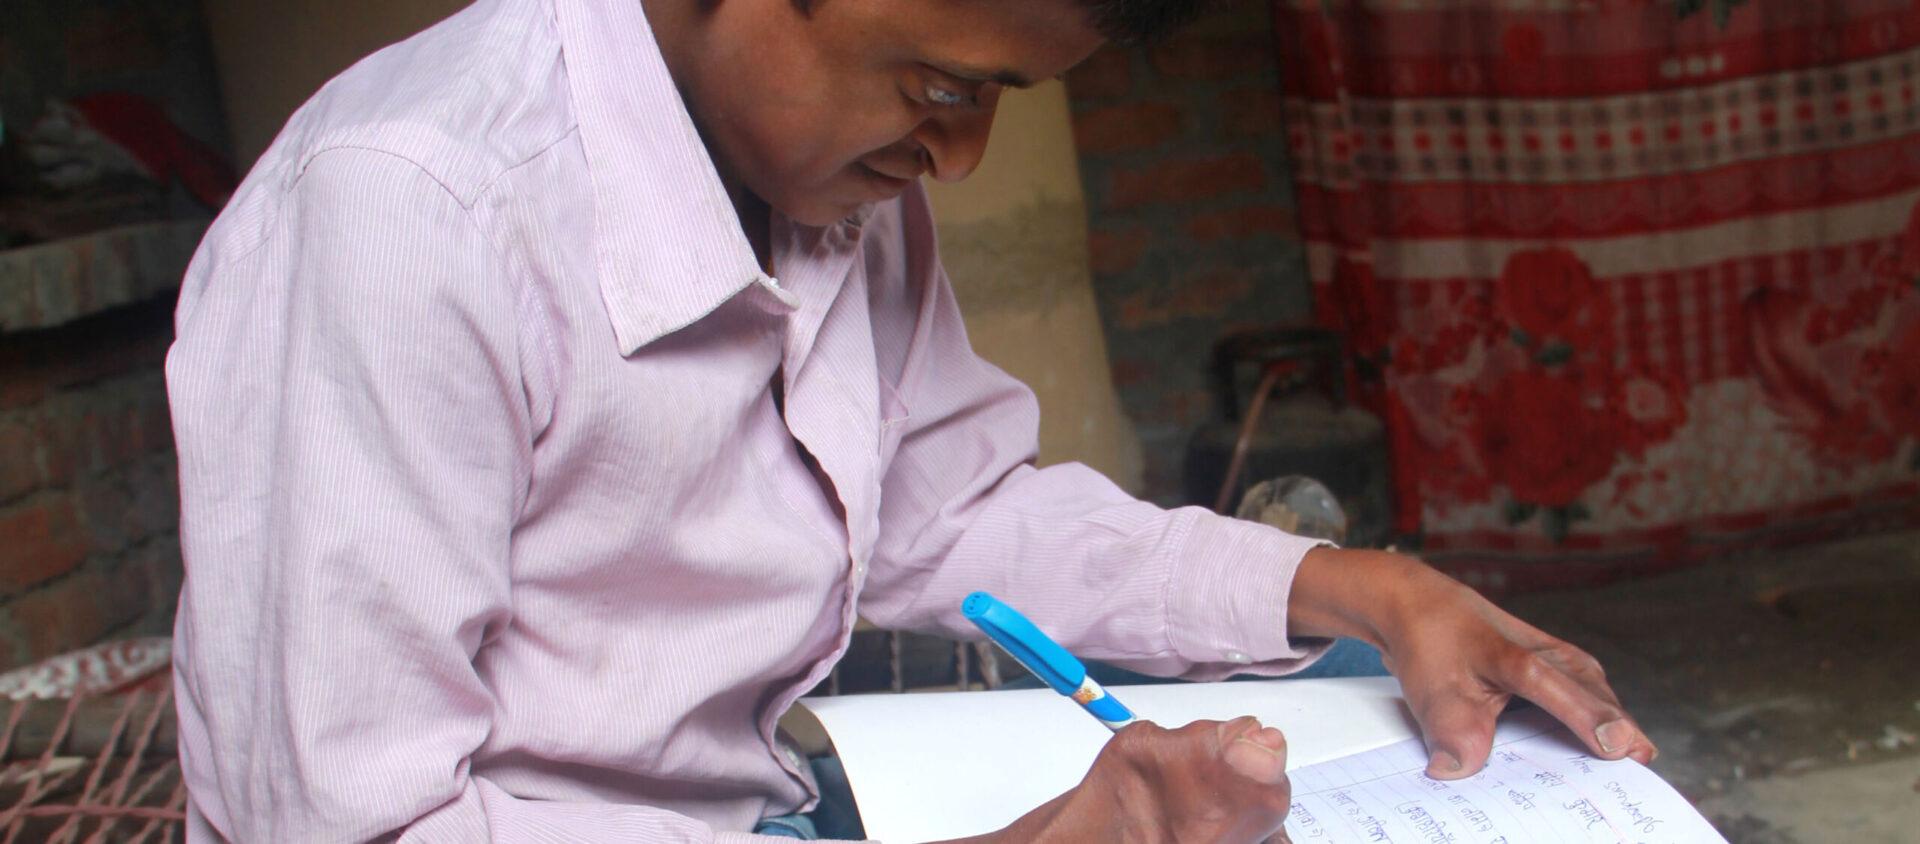 Organisationen såg också att Sandeep behövde en operation, och betalade för den. Efter operationen kunde Sandeep för första gången hålla i en penna och gå utan stöd.